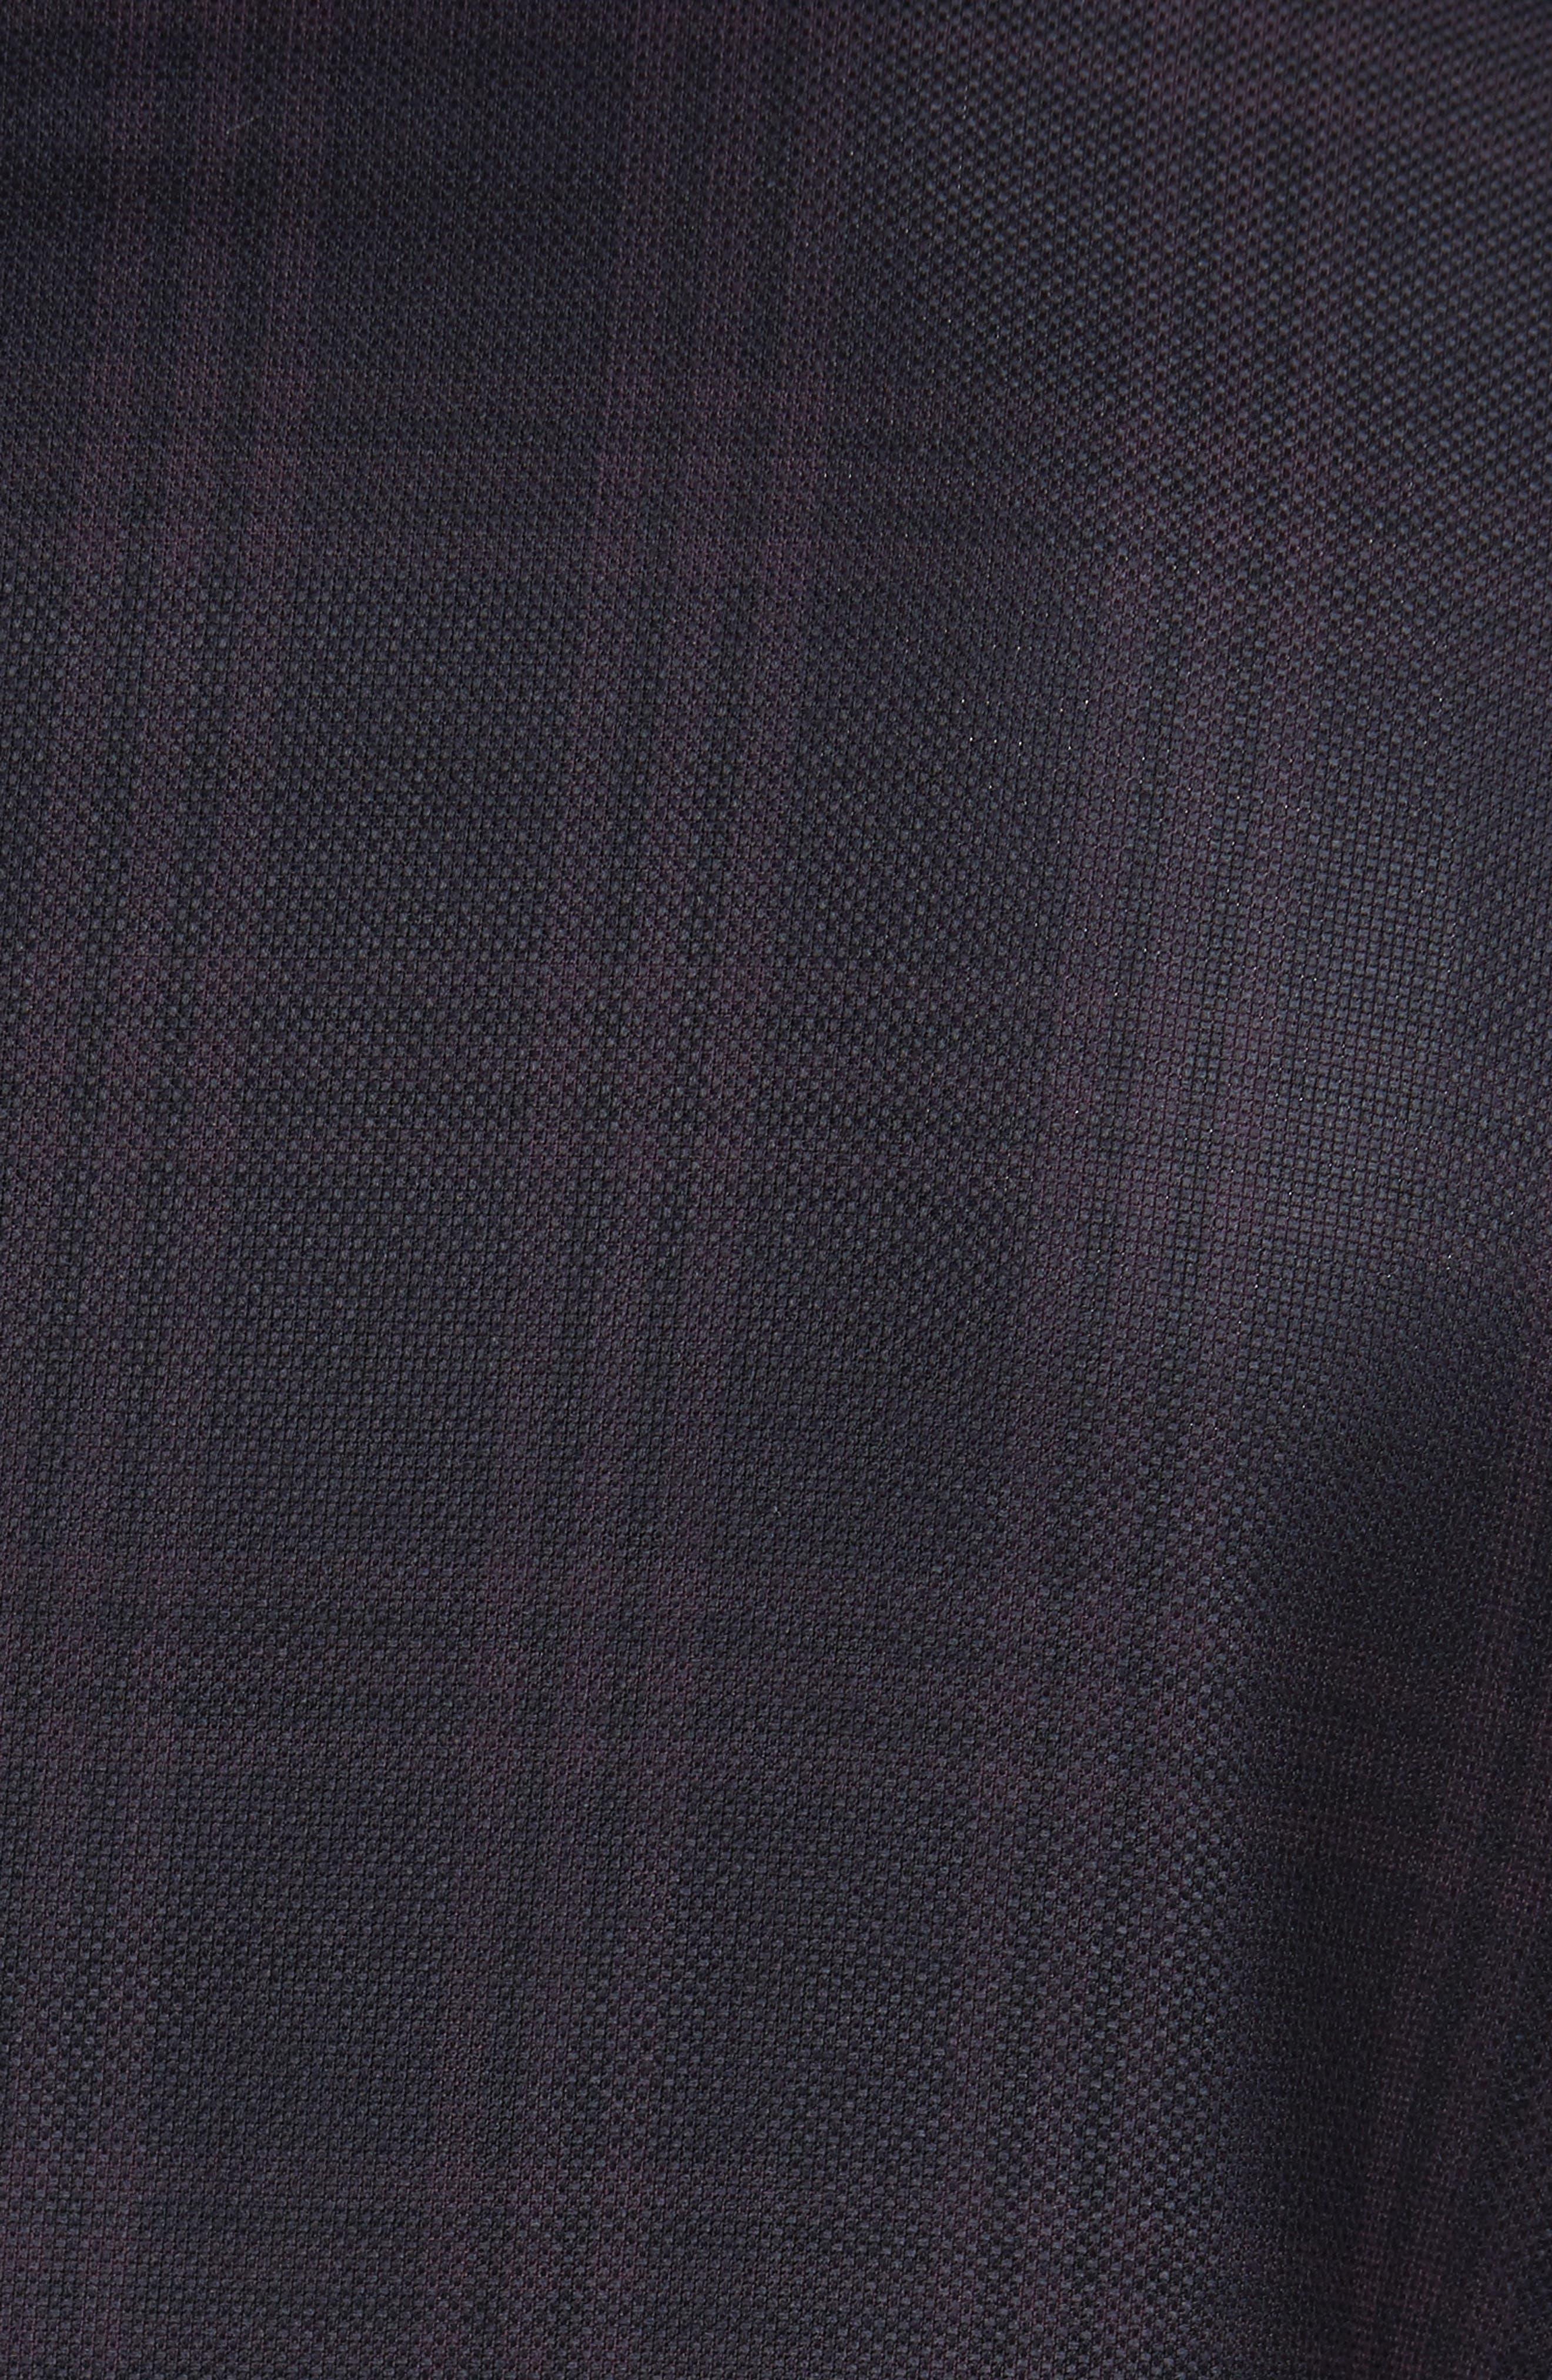 Jed Trim Fit Plaid Wool Sport Coat,                             Alternate thumbnail 6, color,                             001